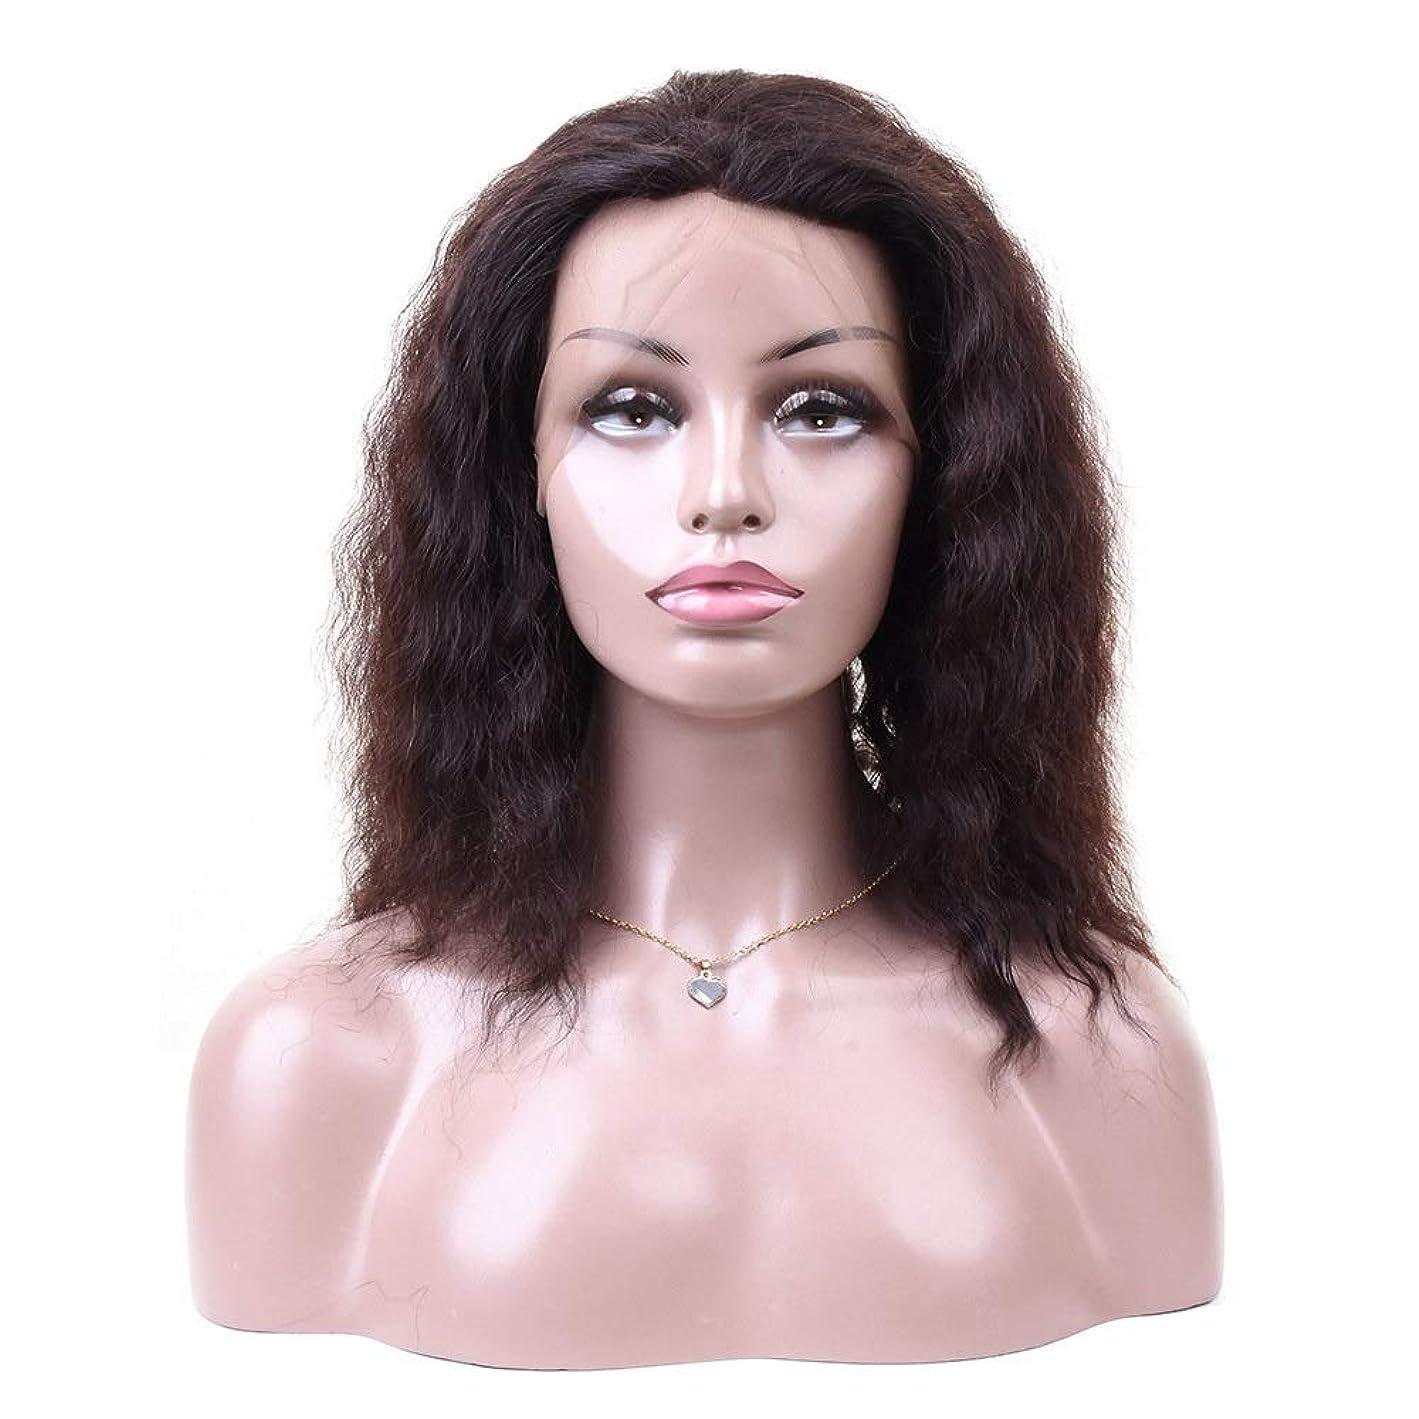 伝統的はさみ本当のことを言うとYAHONGOE 360レース前頭閉鎖ディープウェーブレース前頭人間の髪の毛のかつら自然な女性の合成かつらレースのかつらロールプレイングかつら (色 : 黒, サイズ : 12 inch)